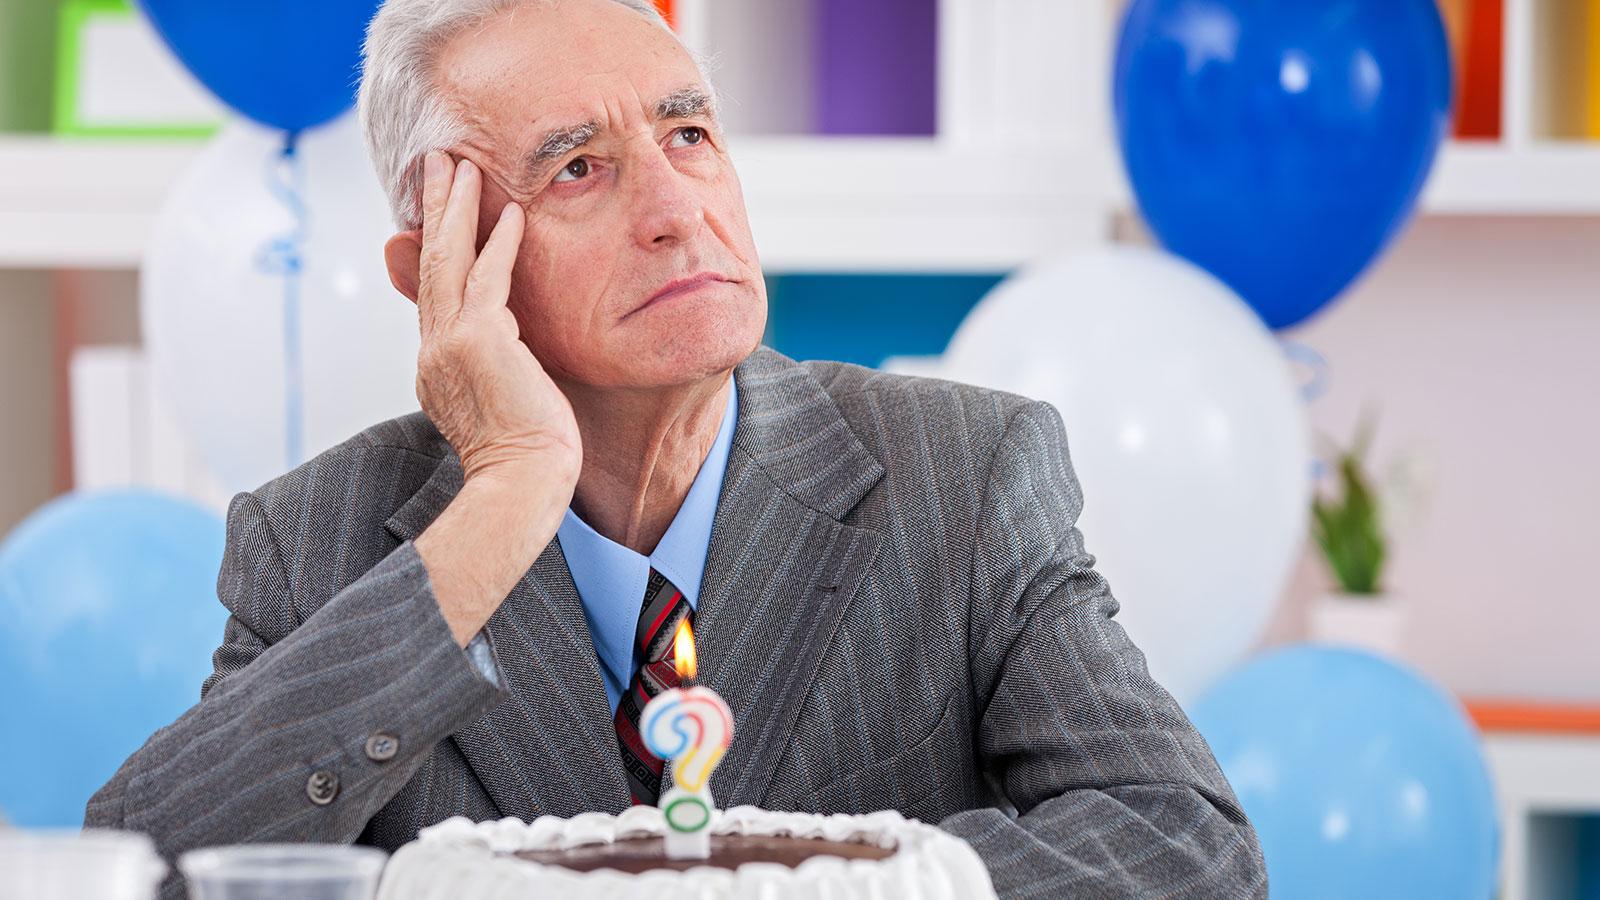 ¿Es demencia o simple envejecimiento? 5 señales para salir de dudas